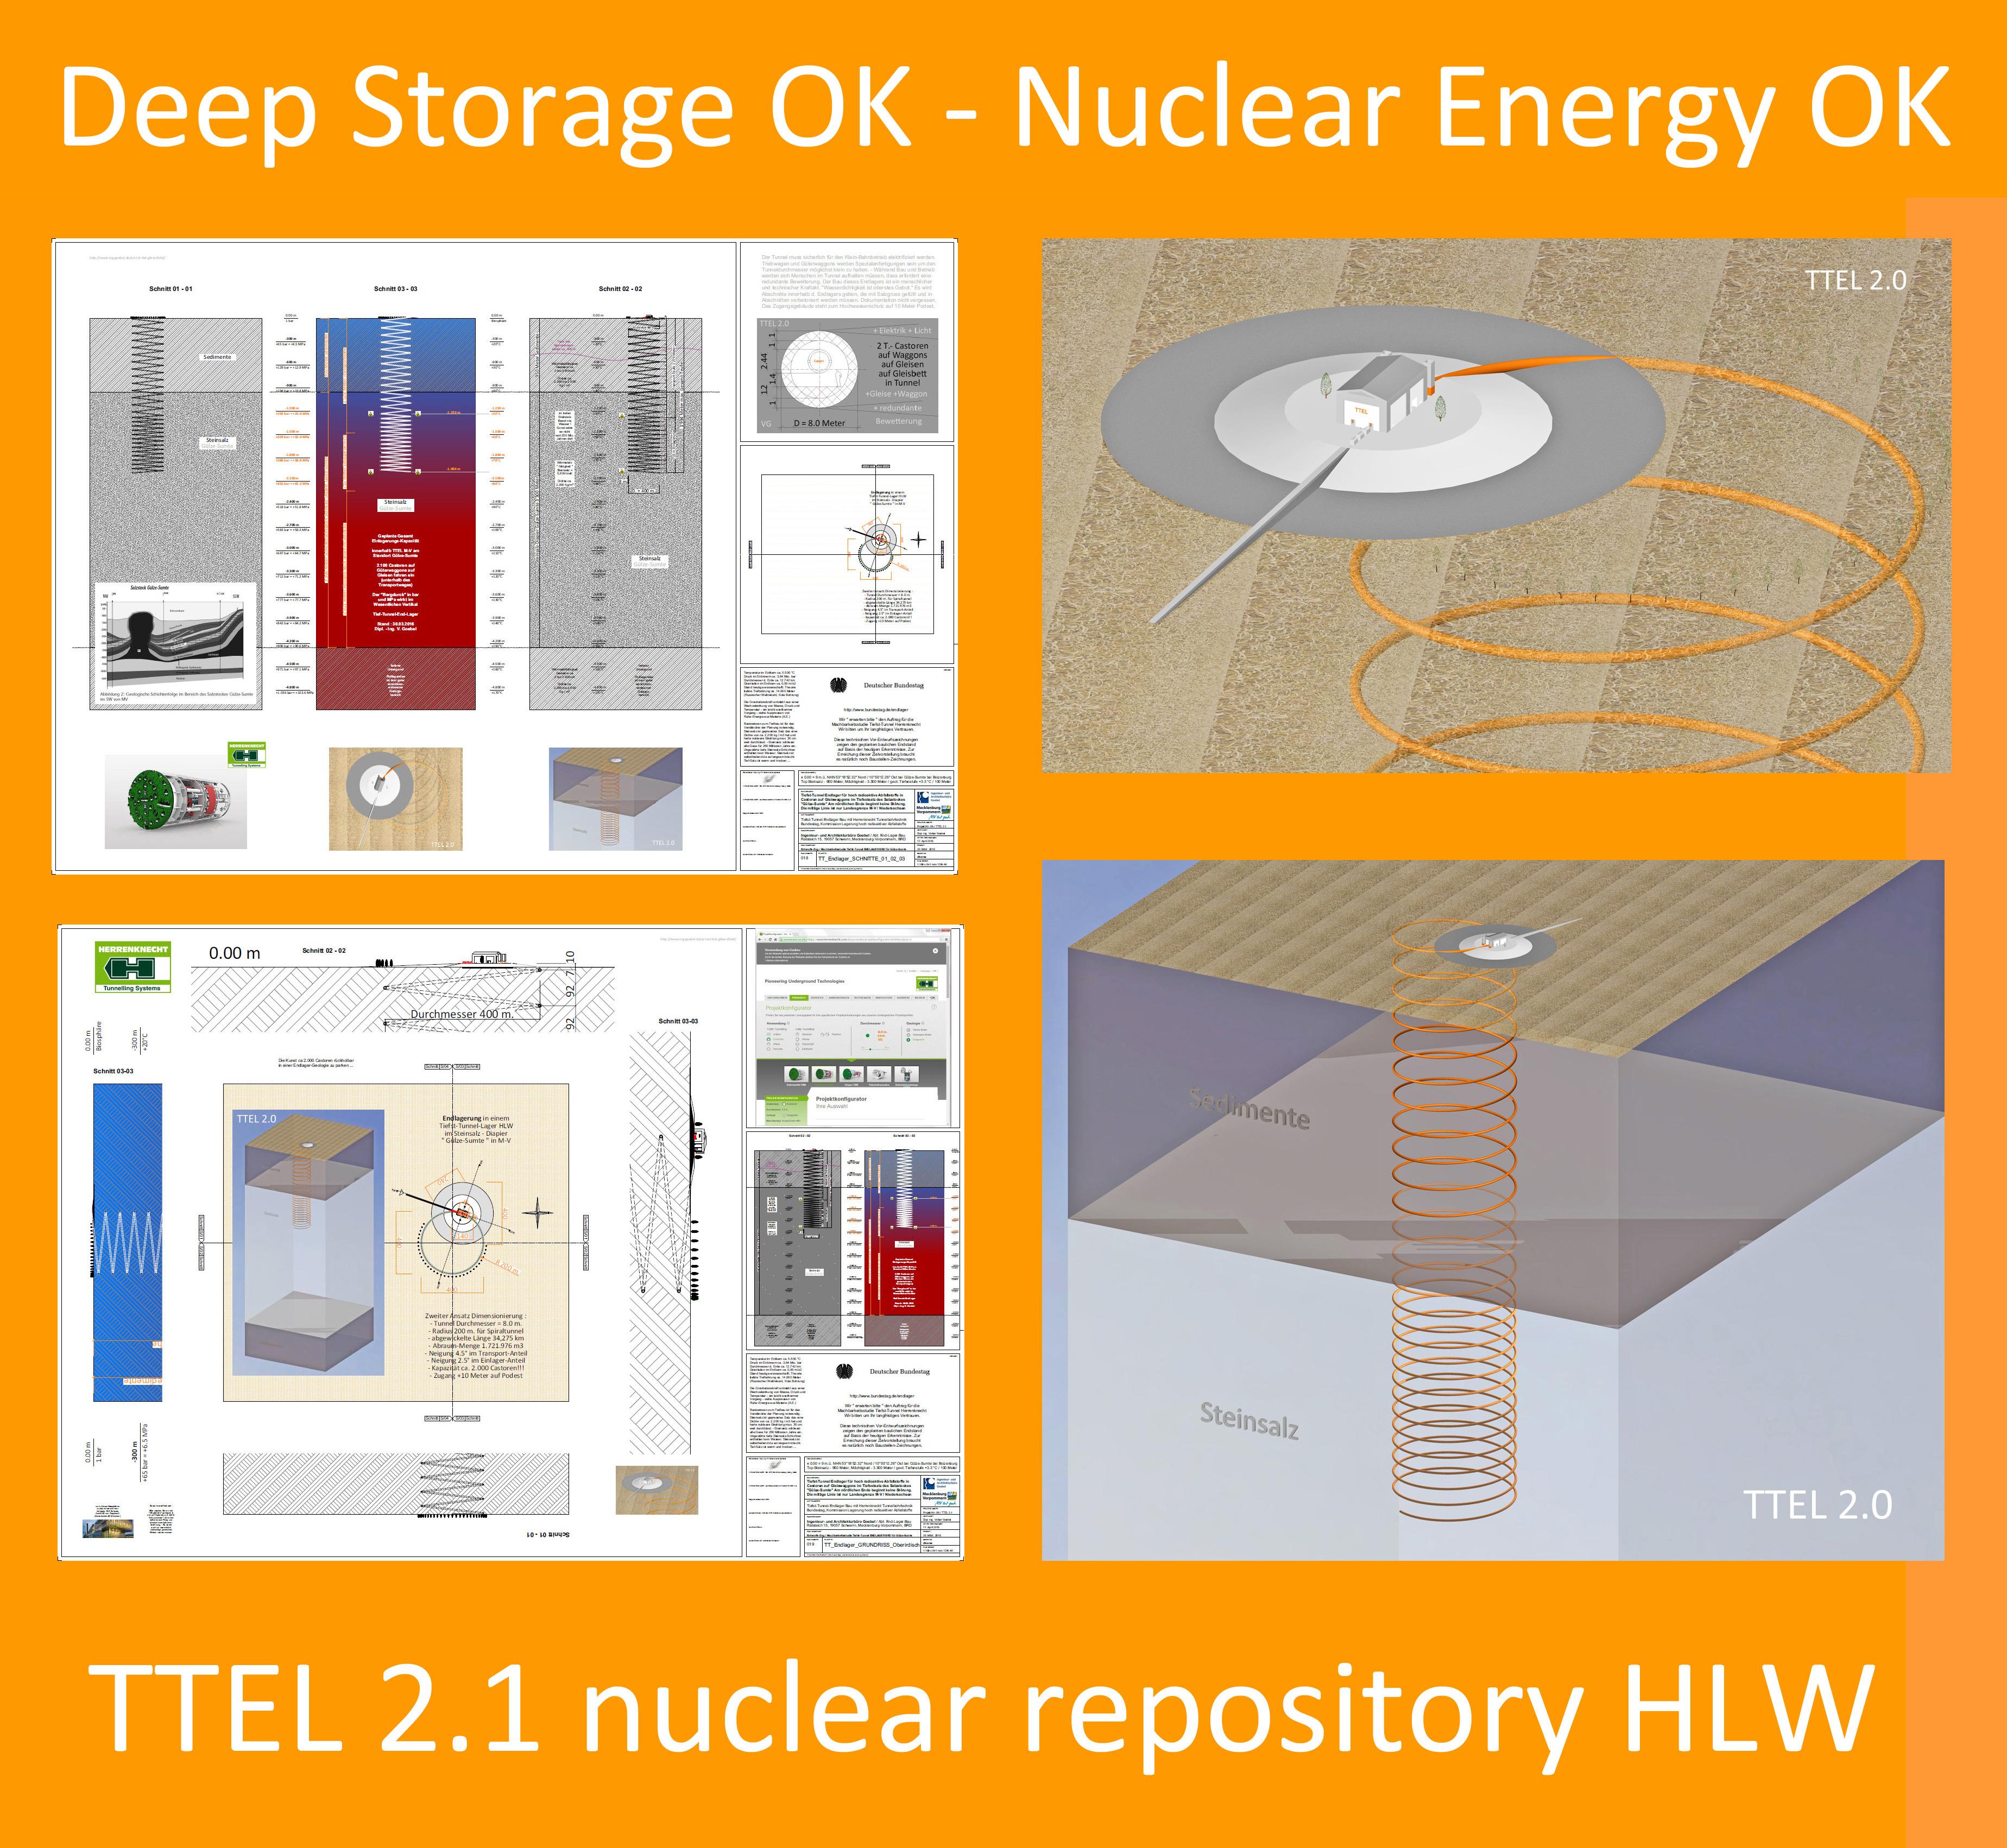 http://www.volker-goebel.biz/OK_TTEL_2.1_Nuclear_Repository_Rocksalt.jpg